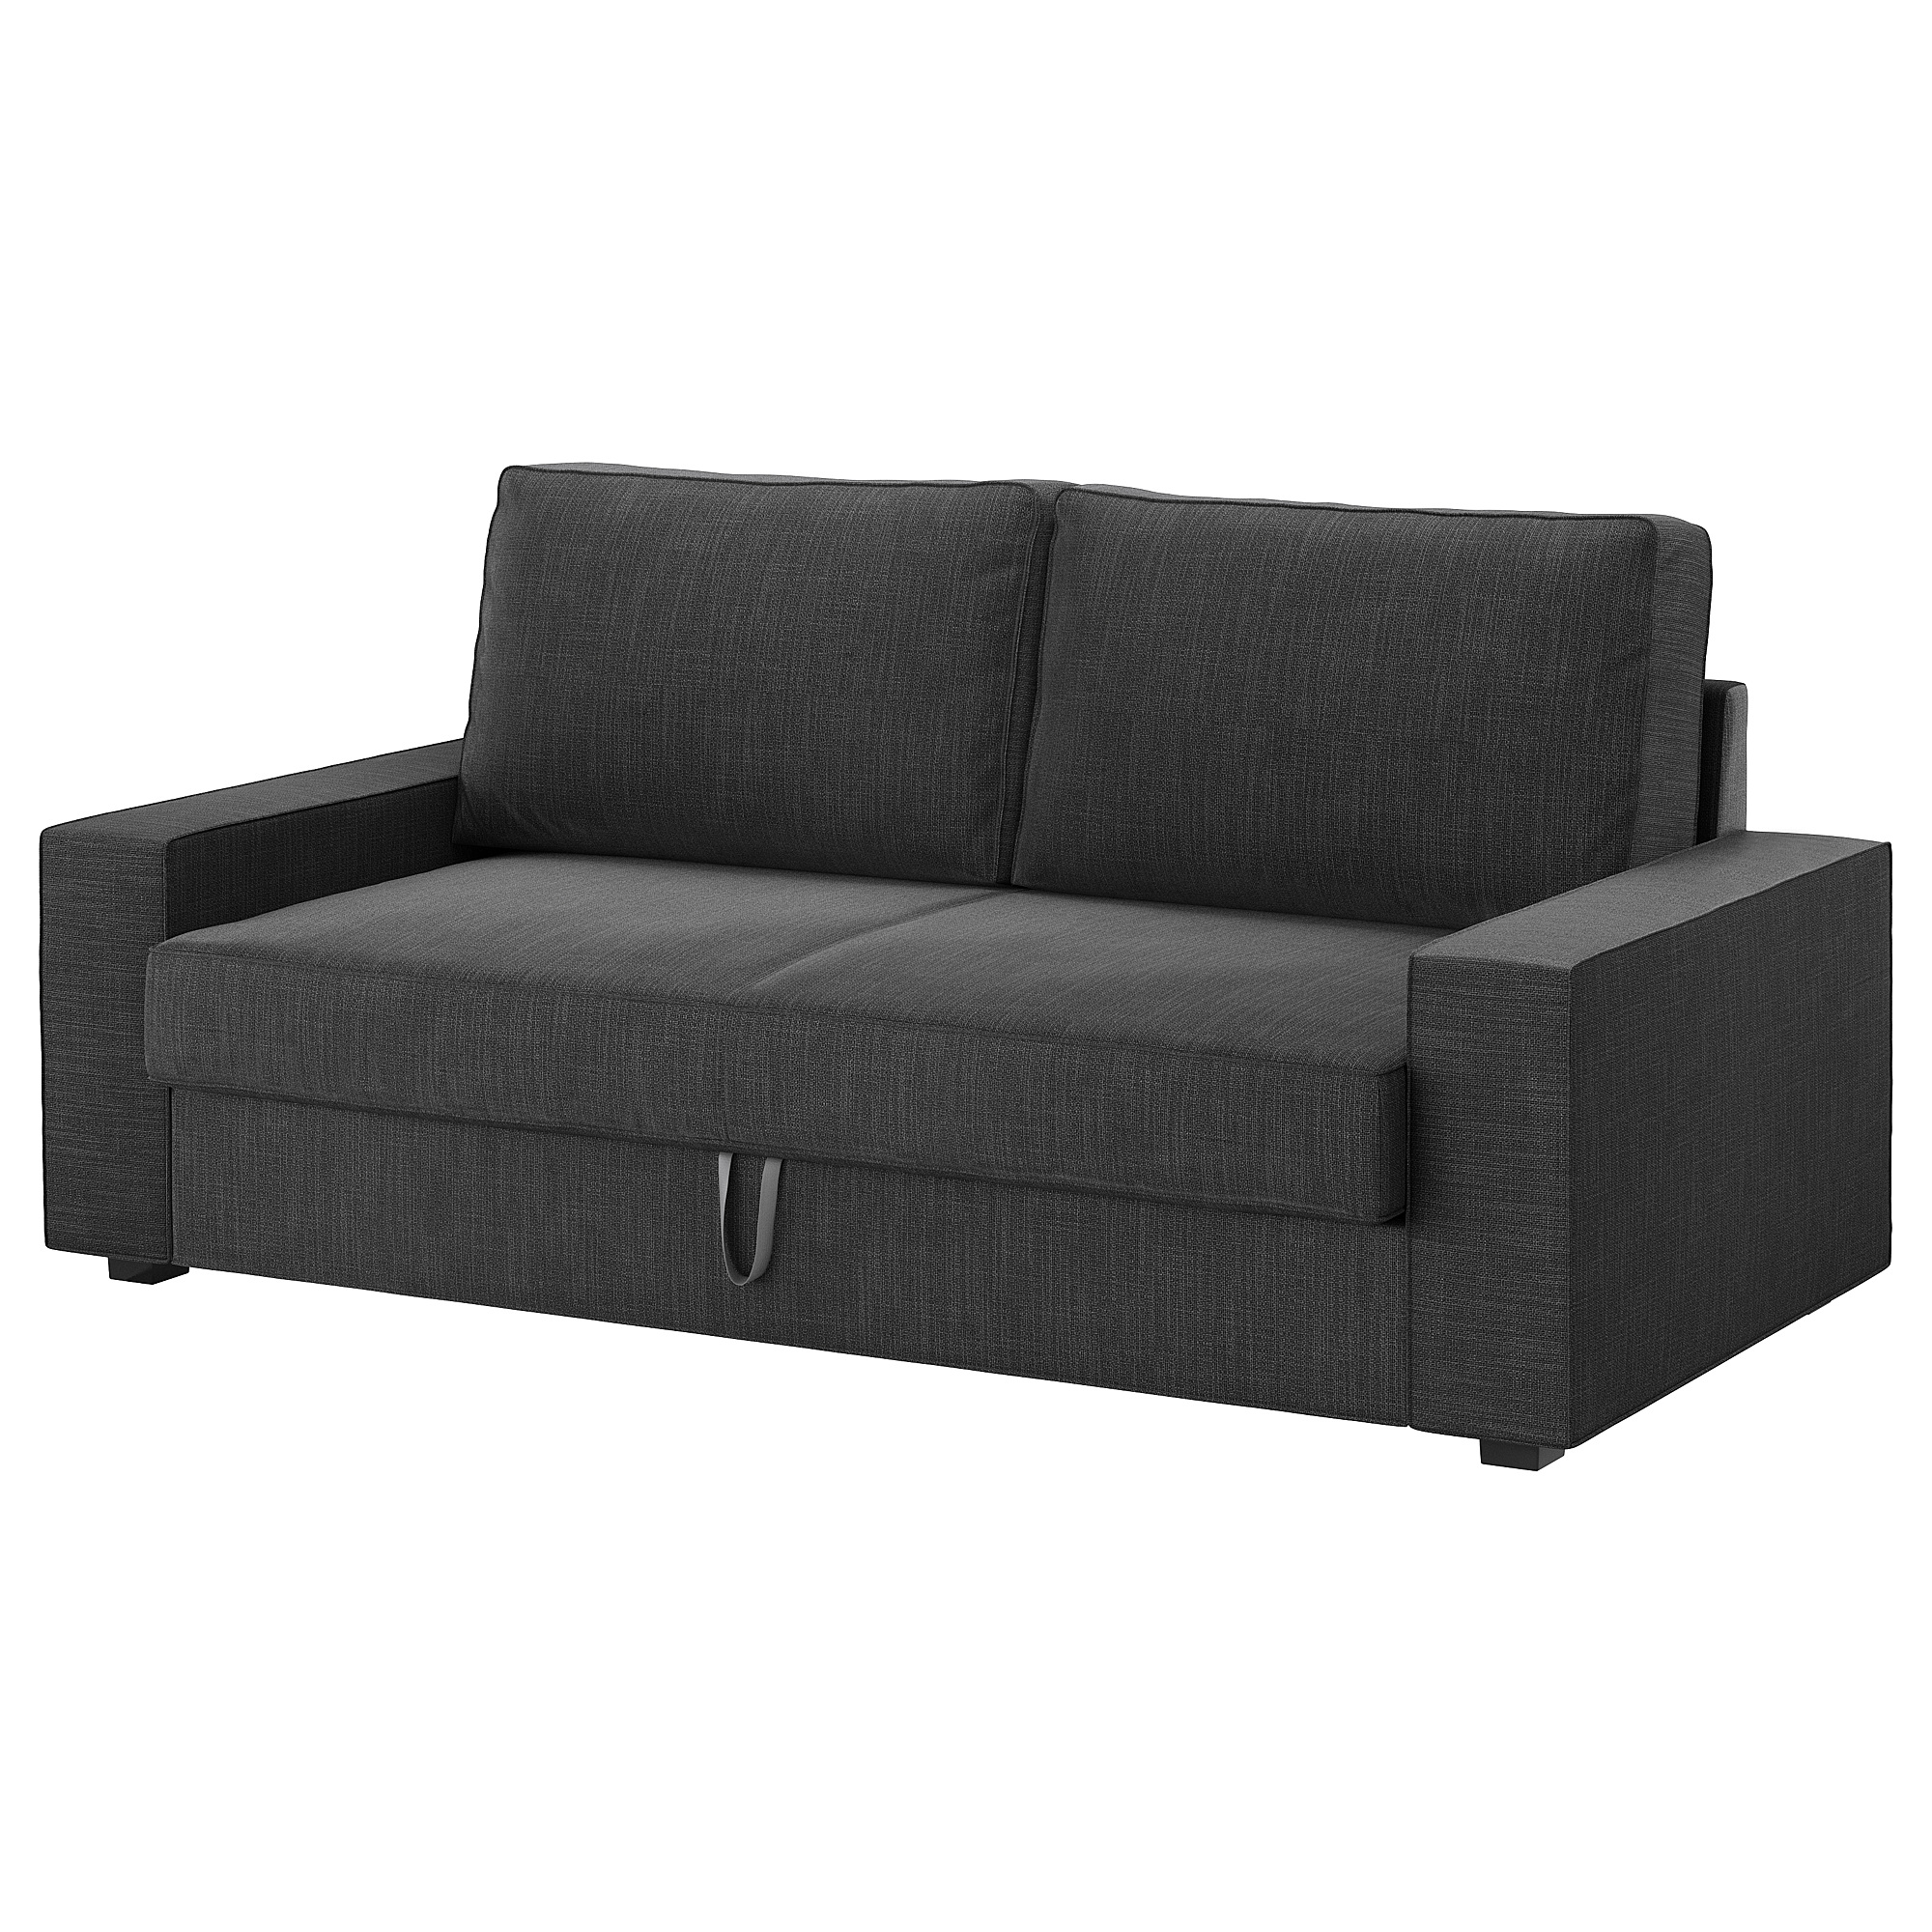 3-местный диван-кровать ВИЛАСУНД антрацит артикуль № 892.824.97 в наличии. Онлайн сайт ИКЕА Минск. Недорогая доставка и соборка.